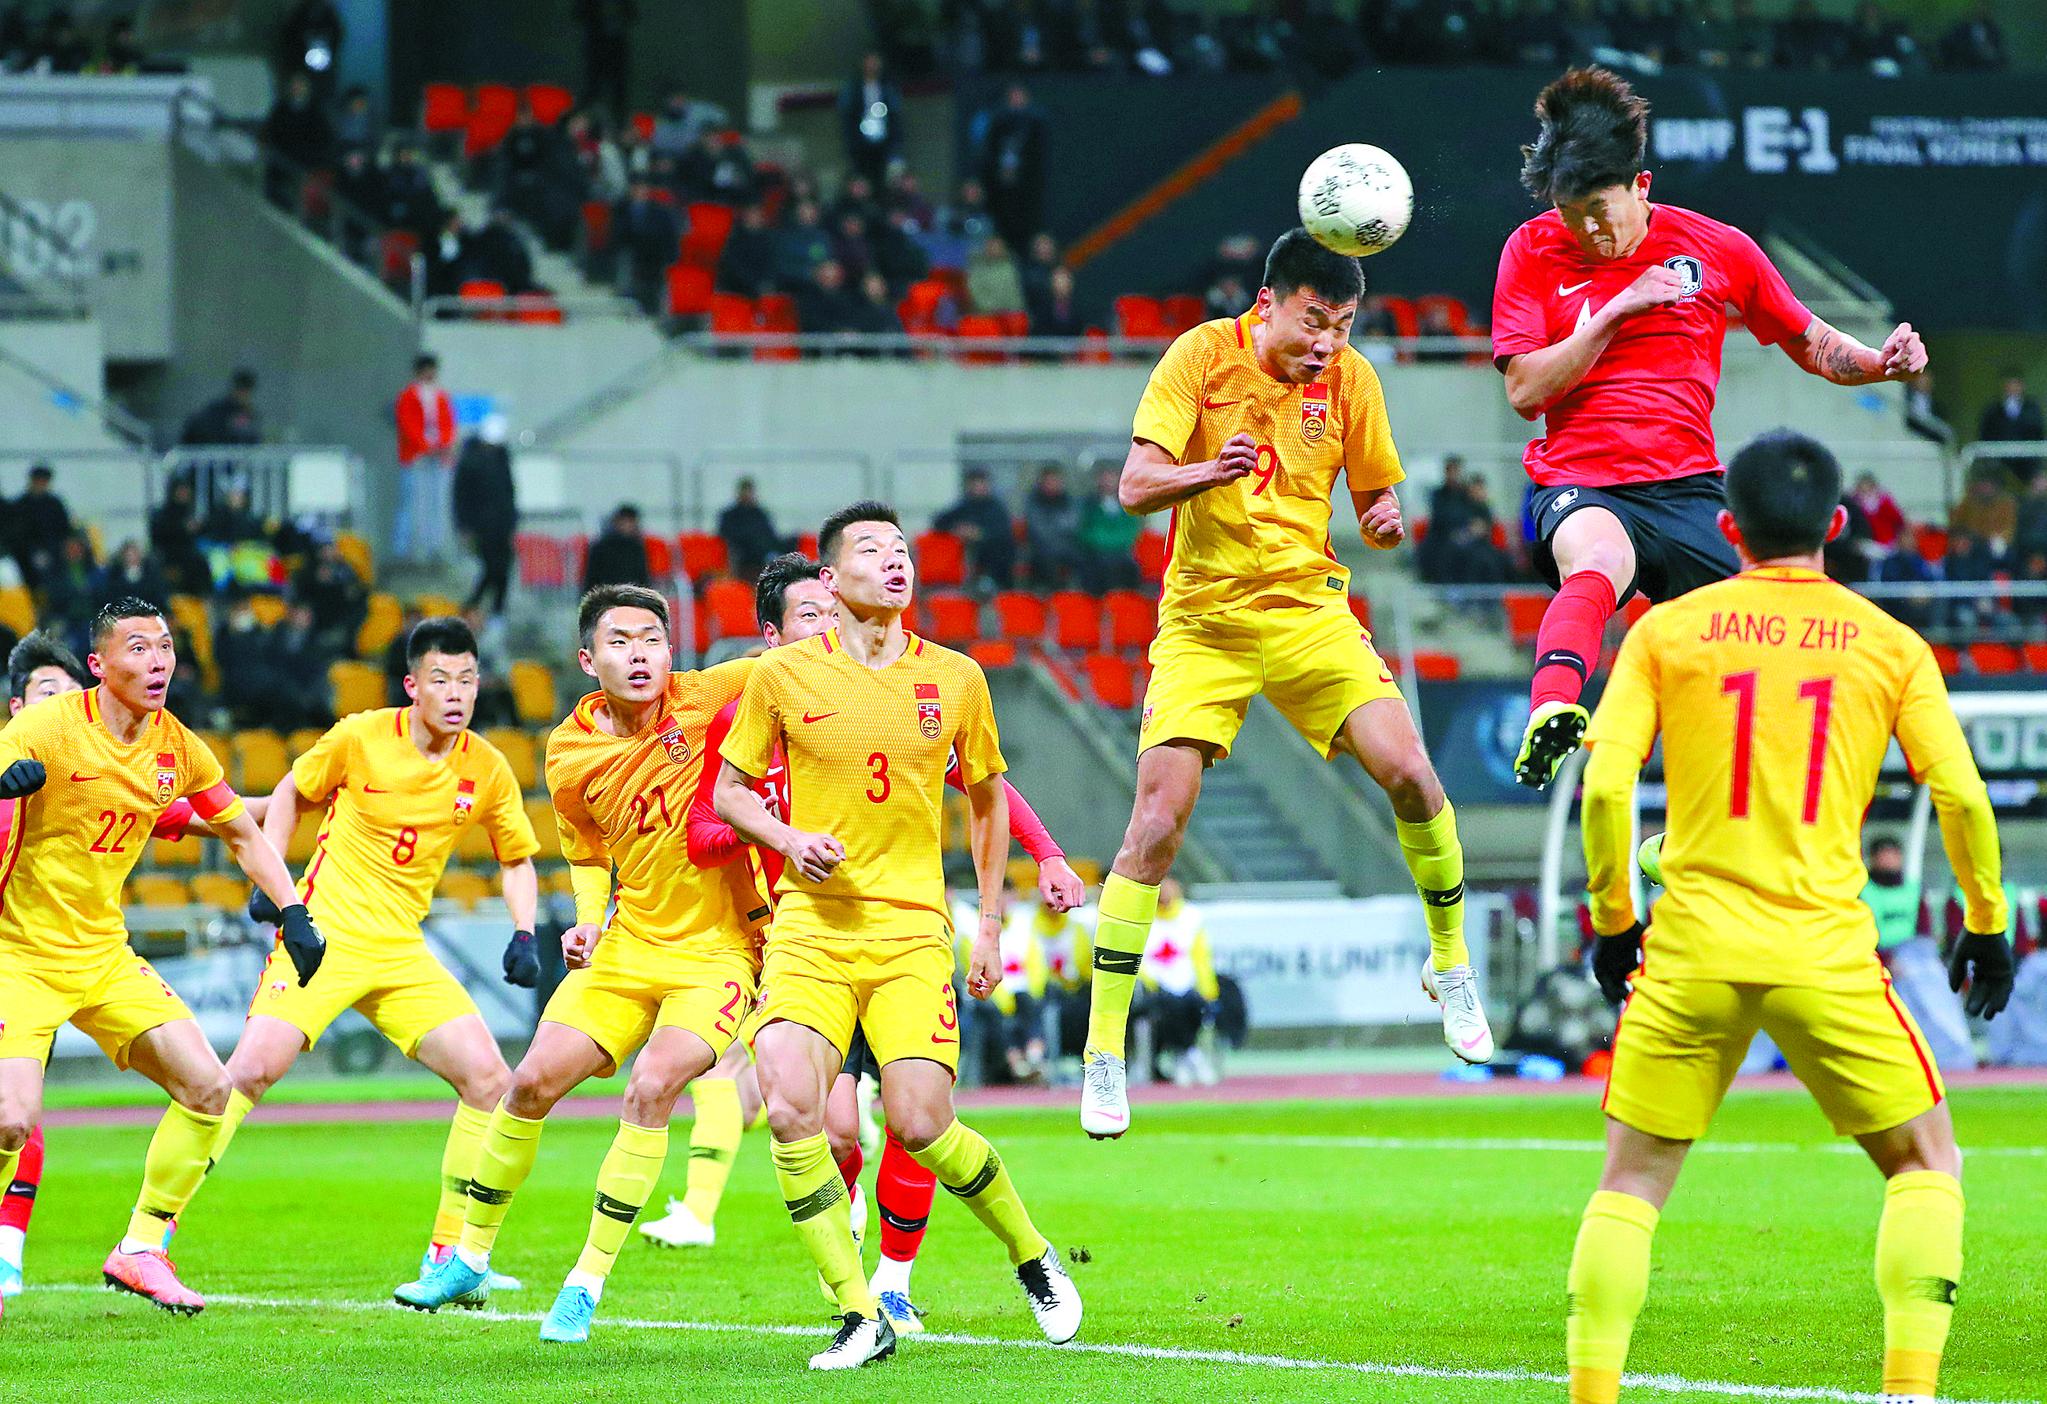 15일 부산아시아드주경기장에서 열린 2019 동아시안컵 남자부 한국과 중국의 경기. 한국 김민재가 헤딩골을 넣고 있다. [연합뉴스]